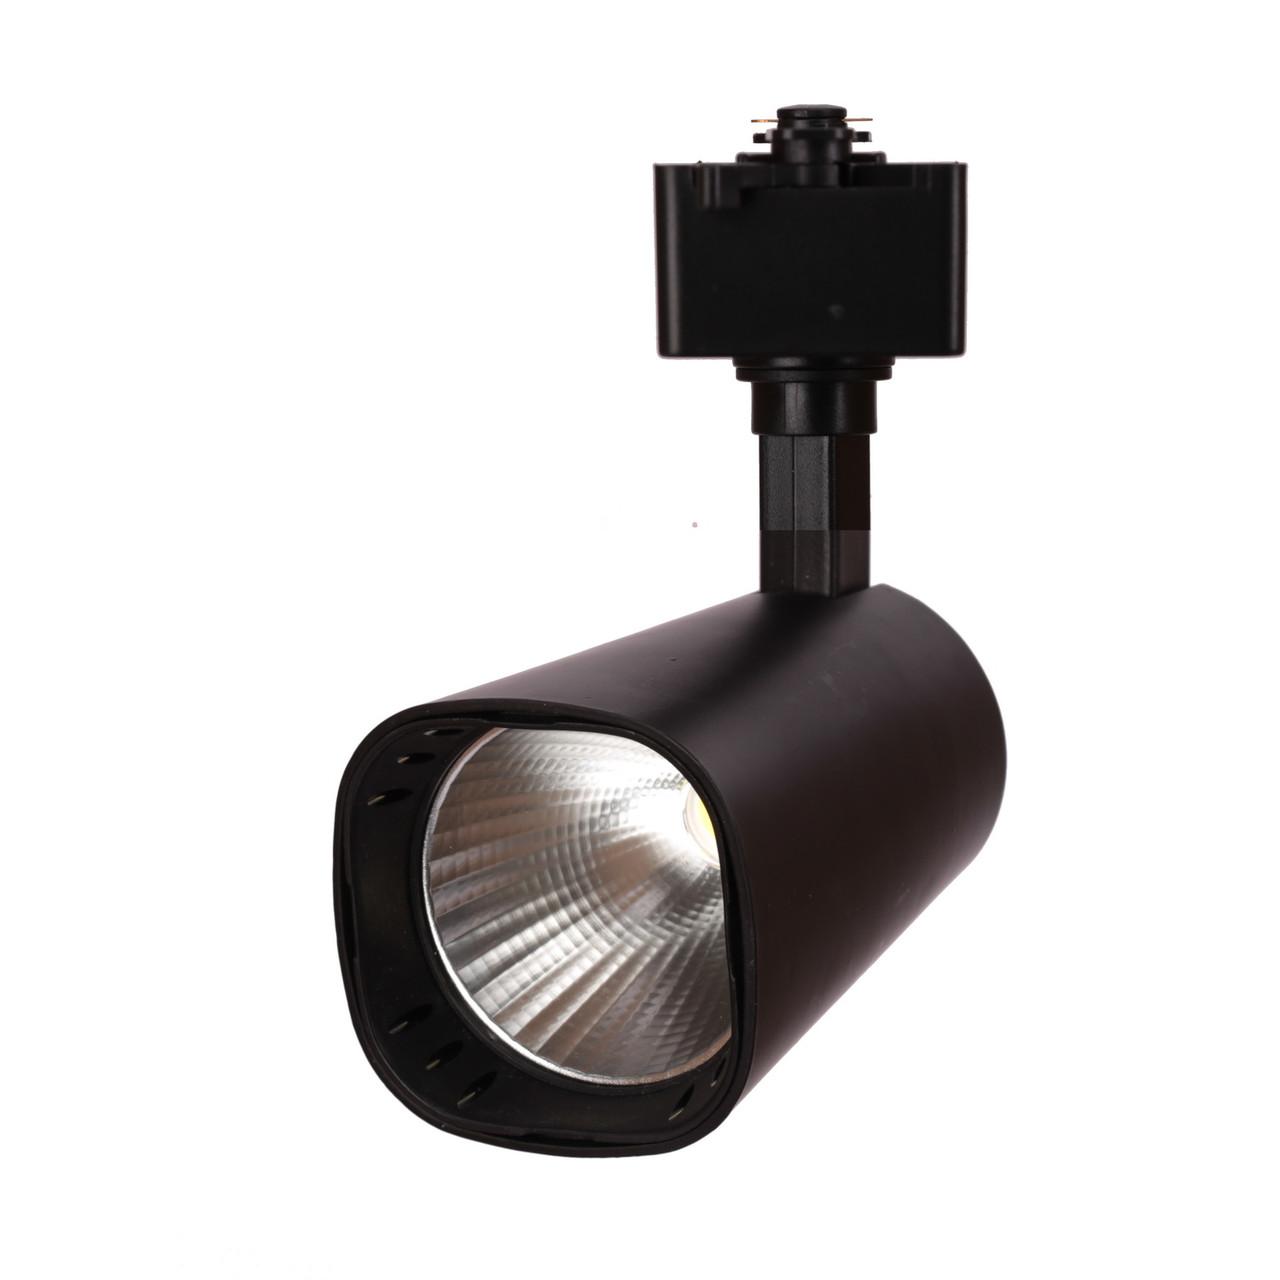 Трековый светодиодный светильник LD-20W  СОВ-диод, черный, конус